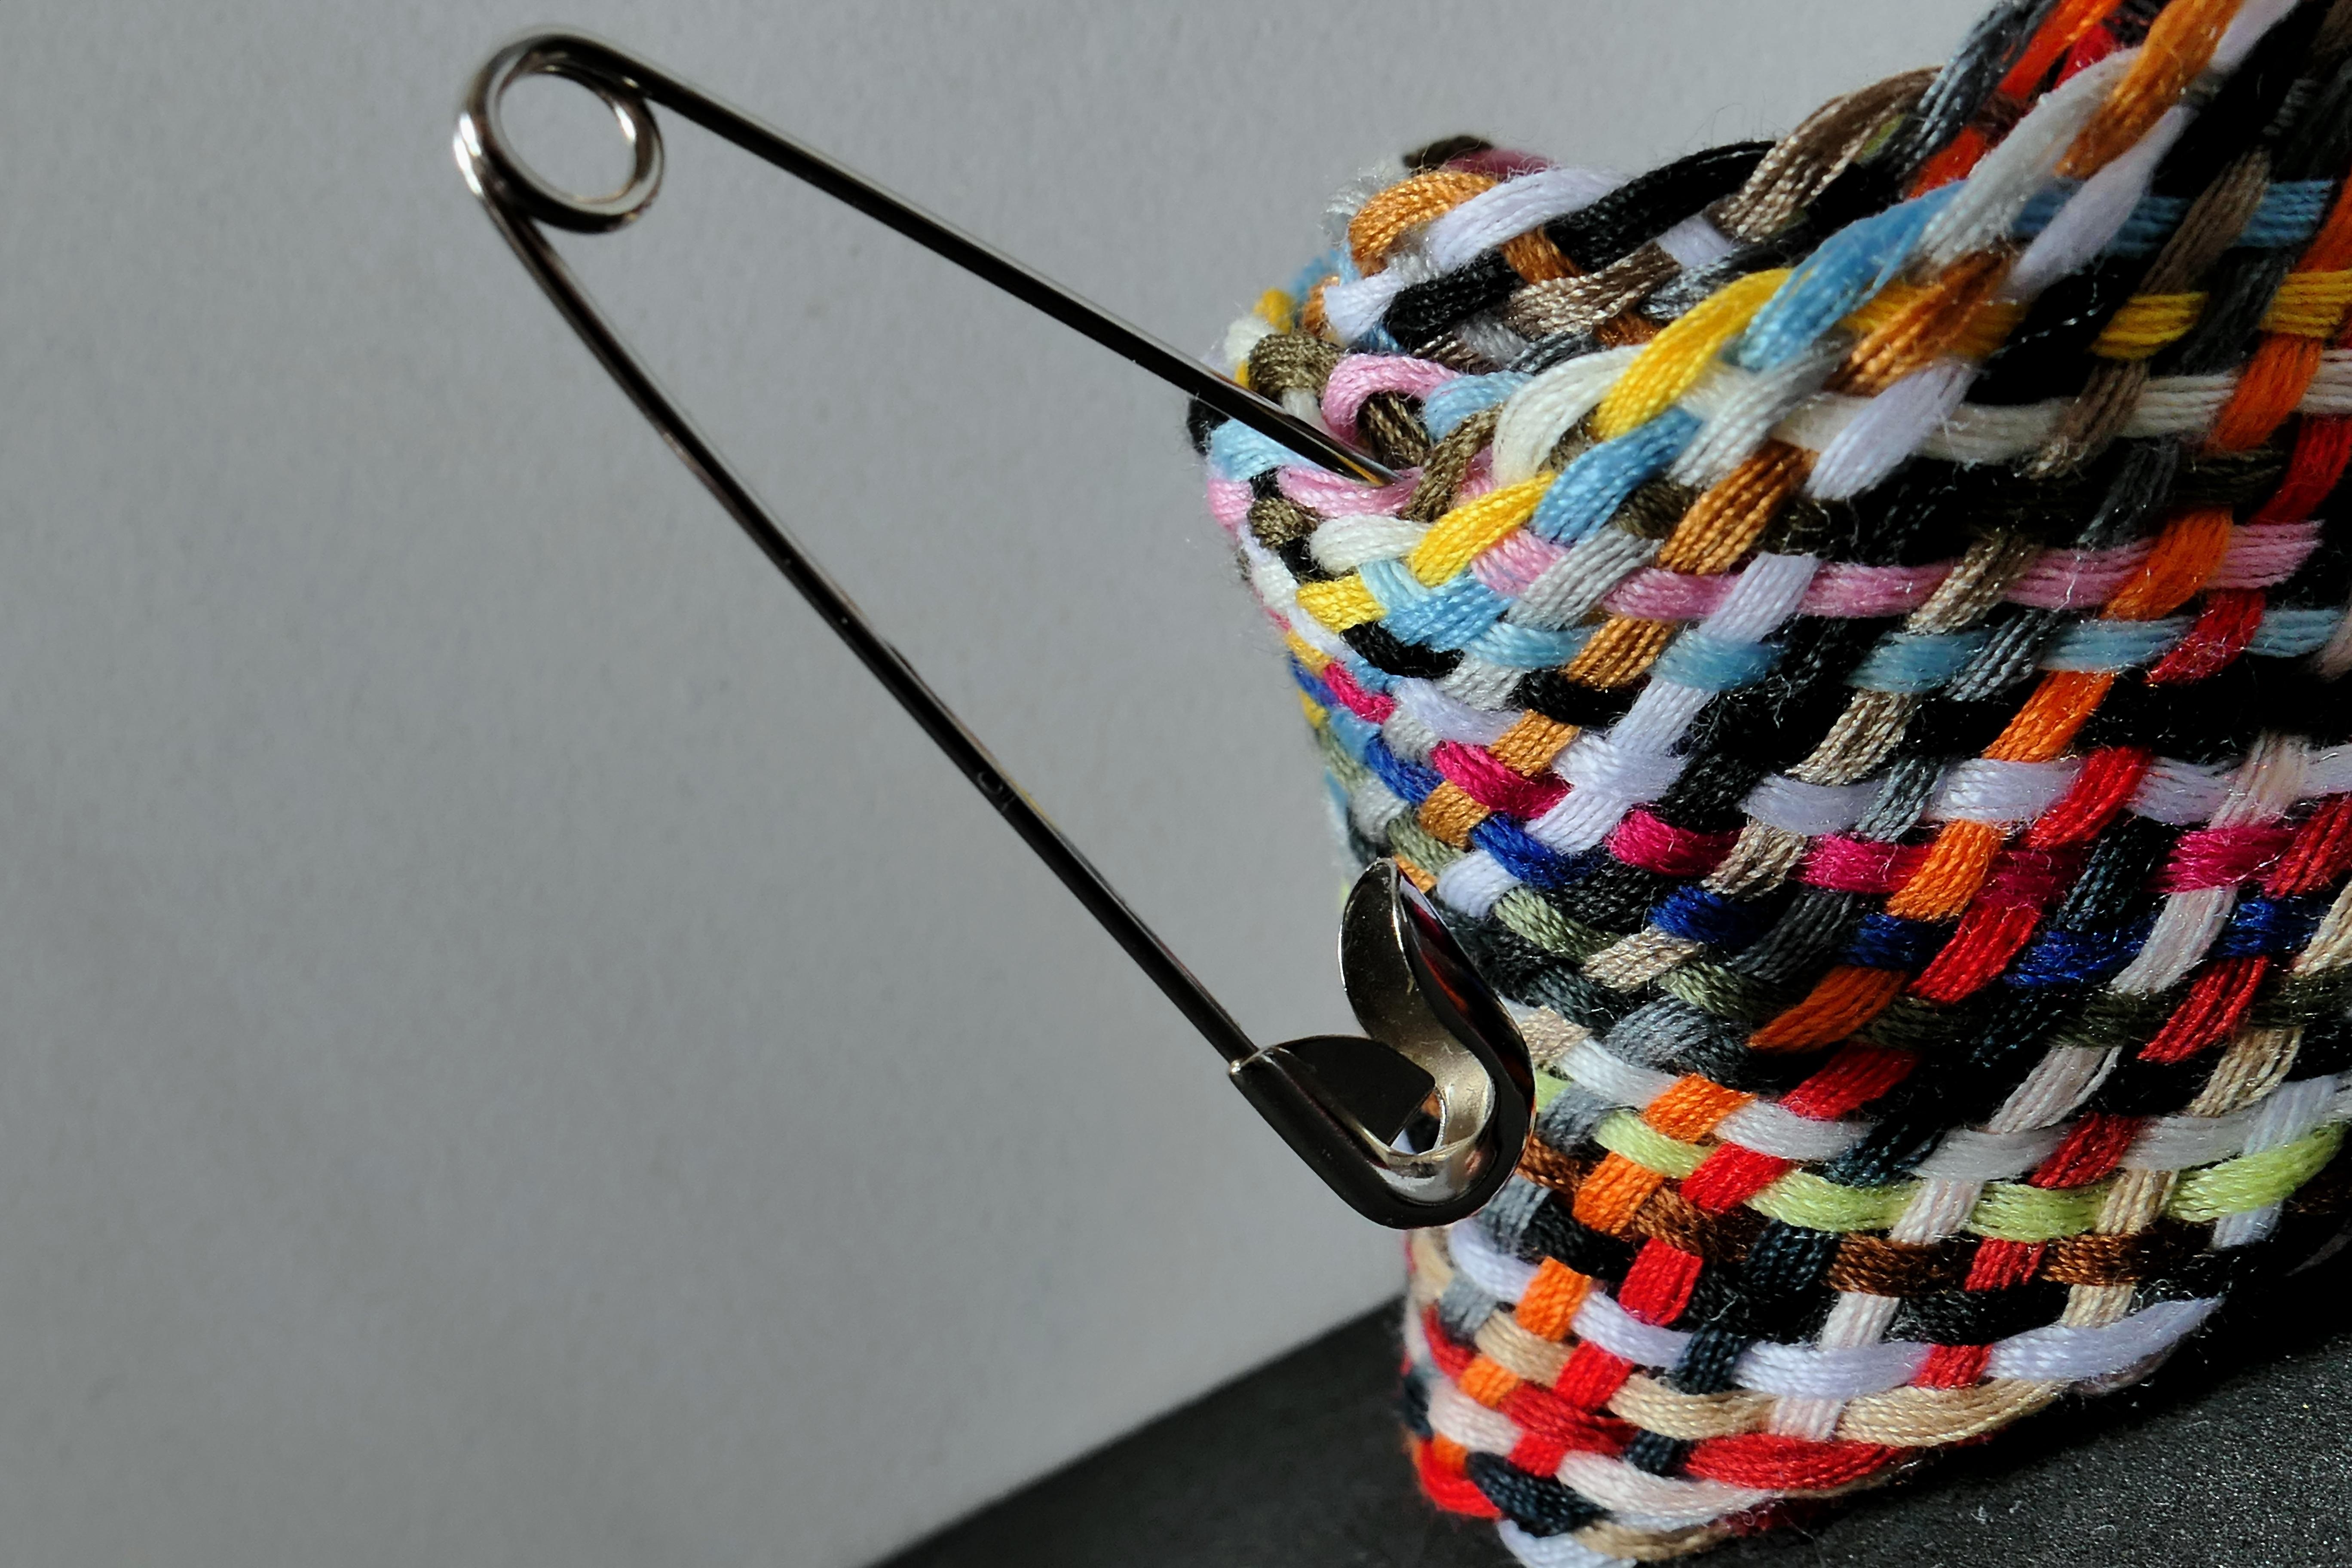 Kostenlose foto : Nadel, Muster, Farbe, bunt, schließen, Garn, Stoff ...